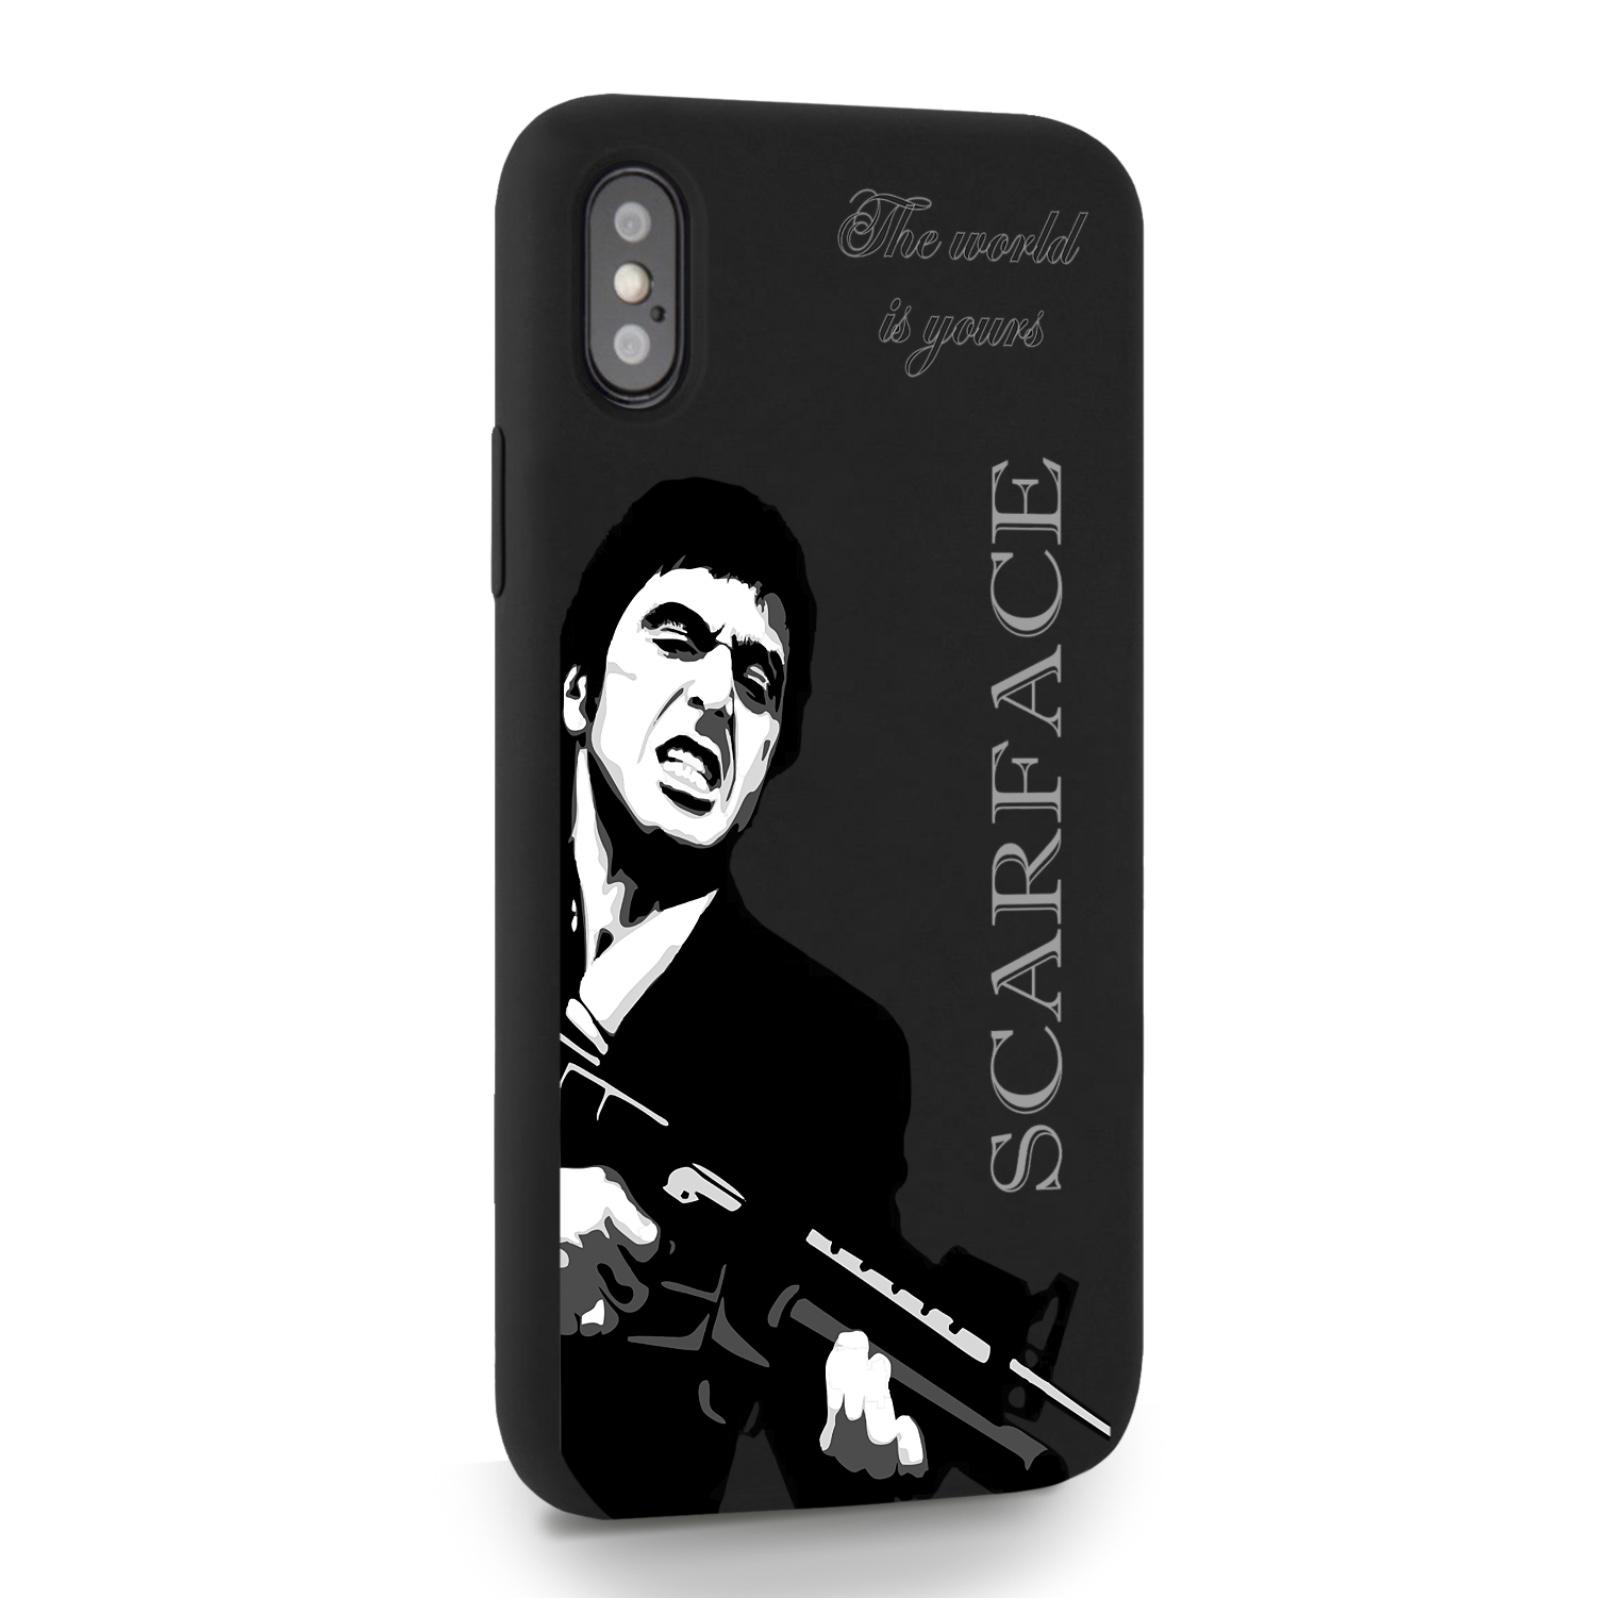 Черный силиконовый чехол для iPhone X/XS Scarface Tony Montana Лицо со шрамом для Айфон 10/10с